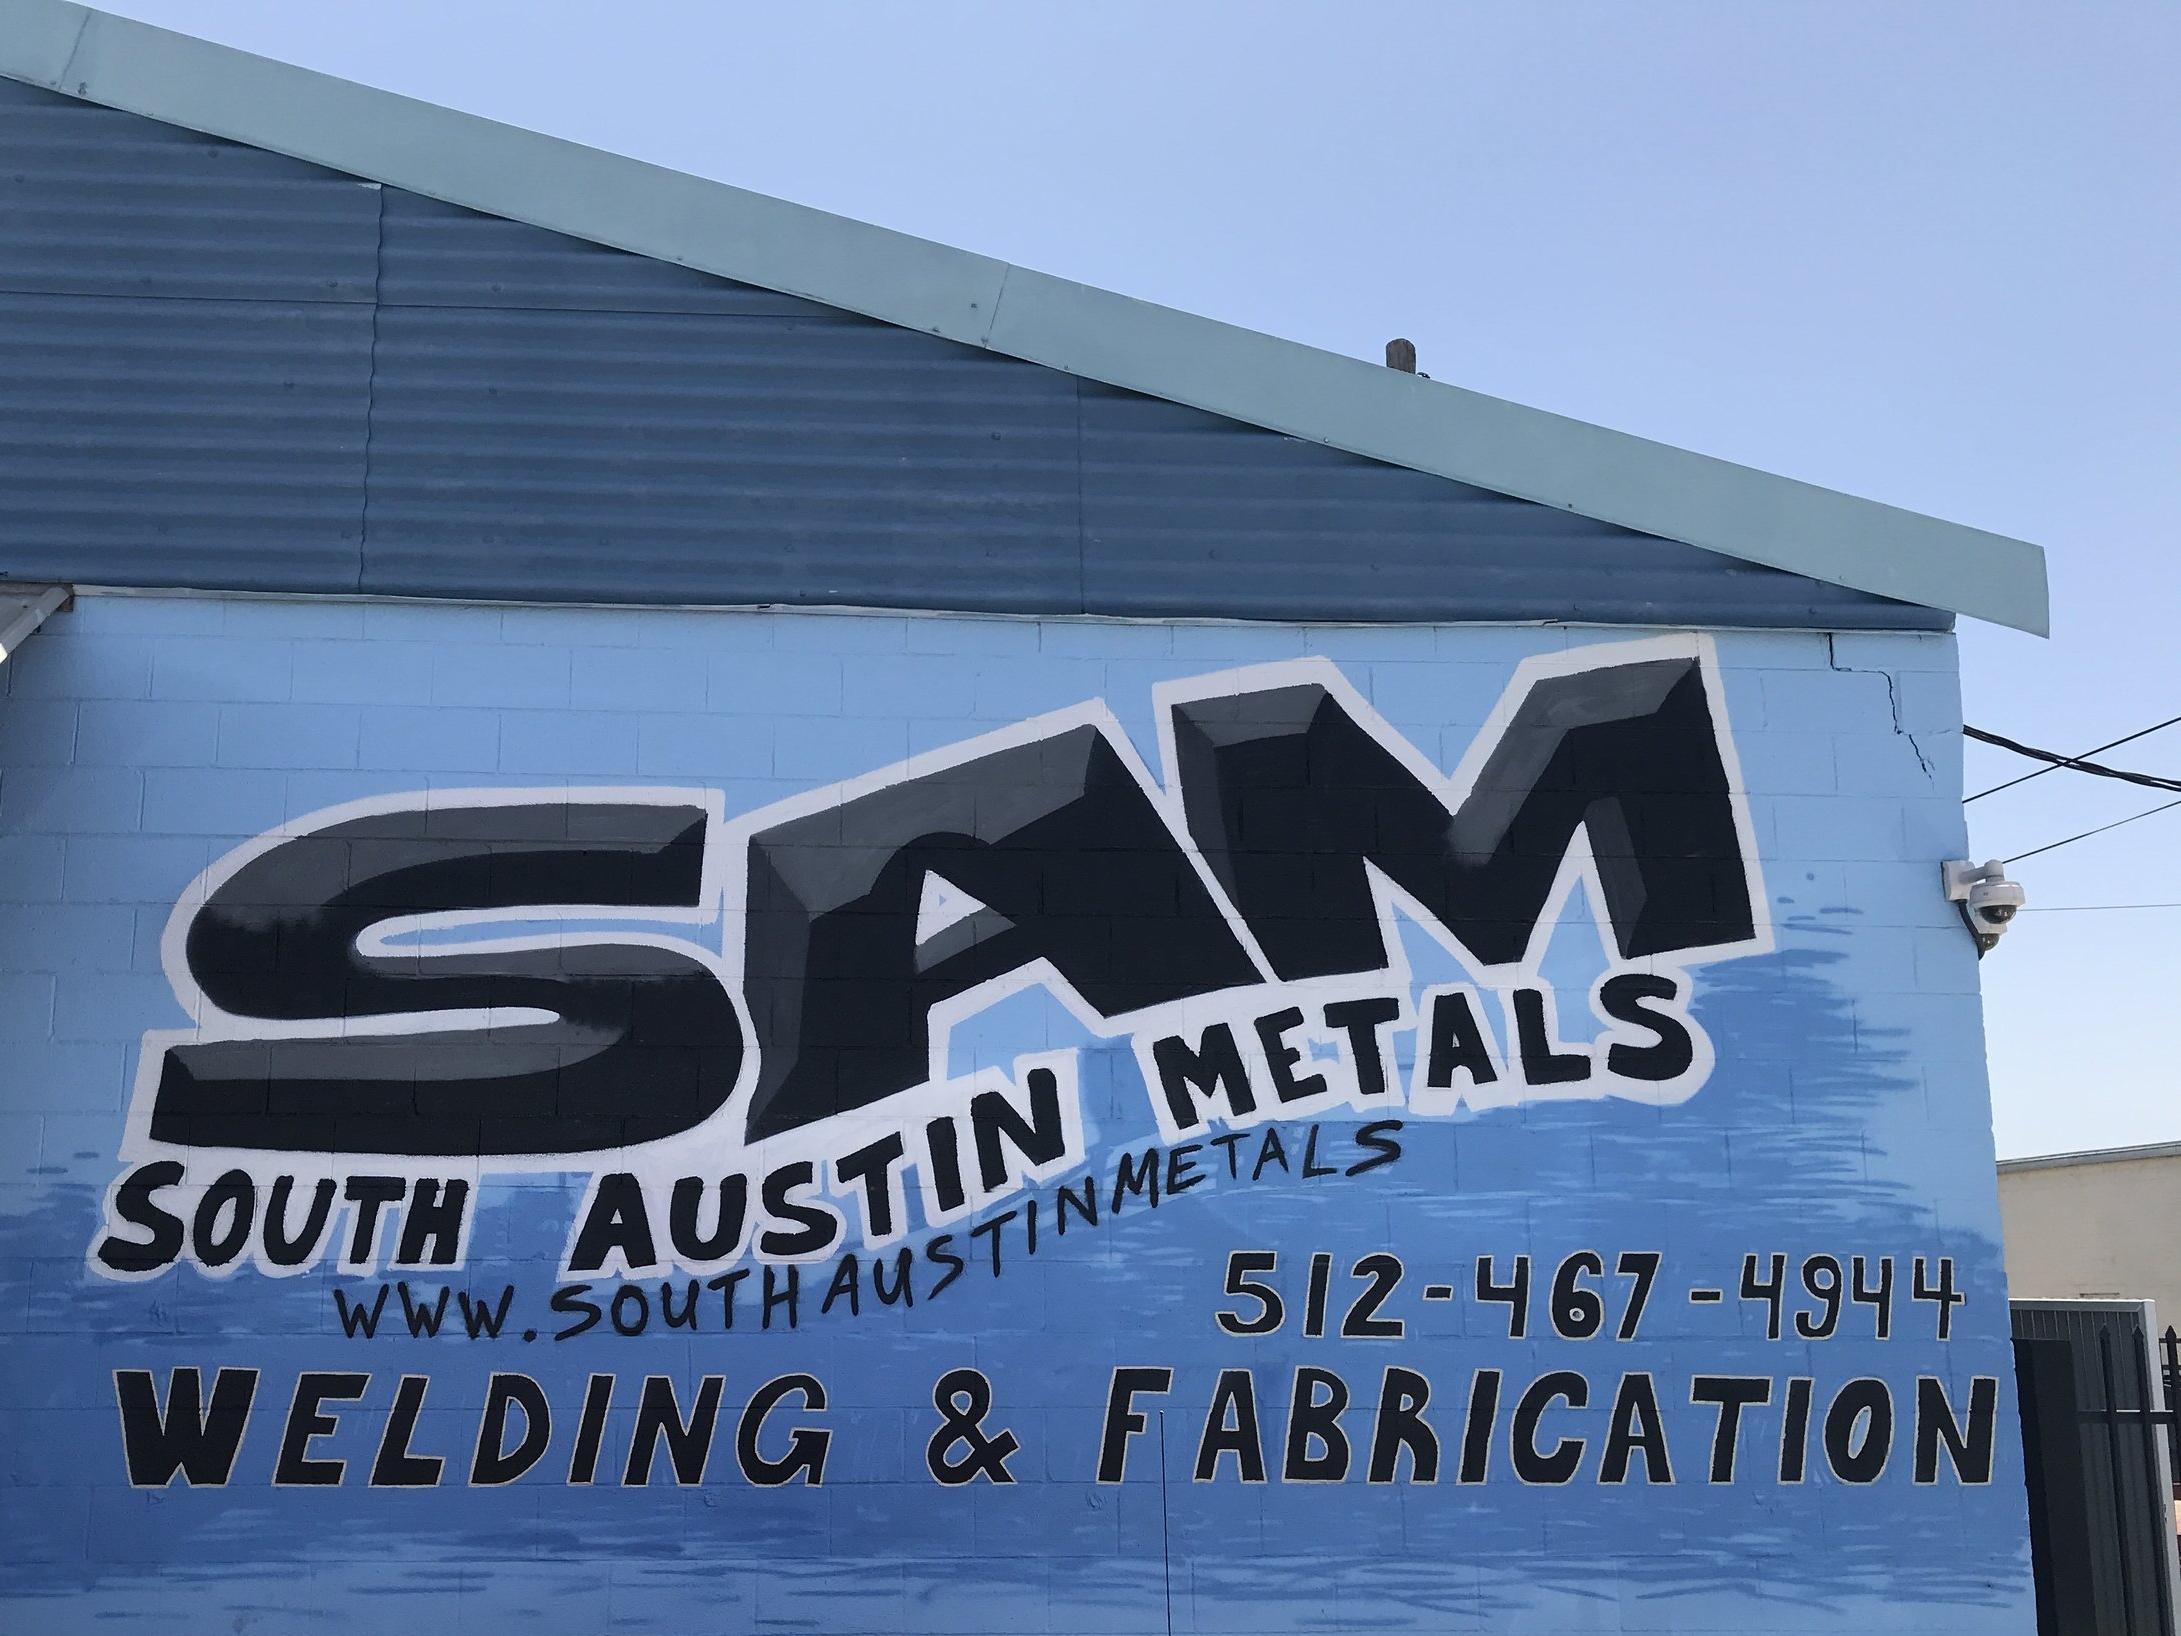 Steel Sales - We sell a wide variety of mild steel.